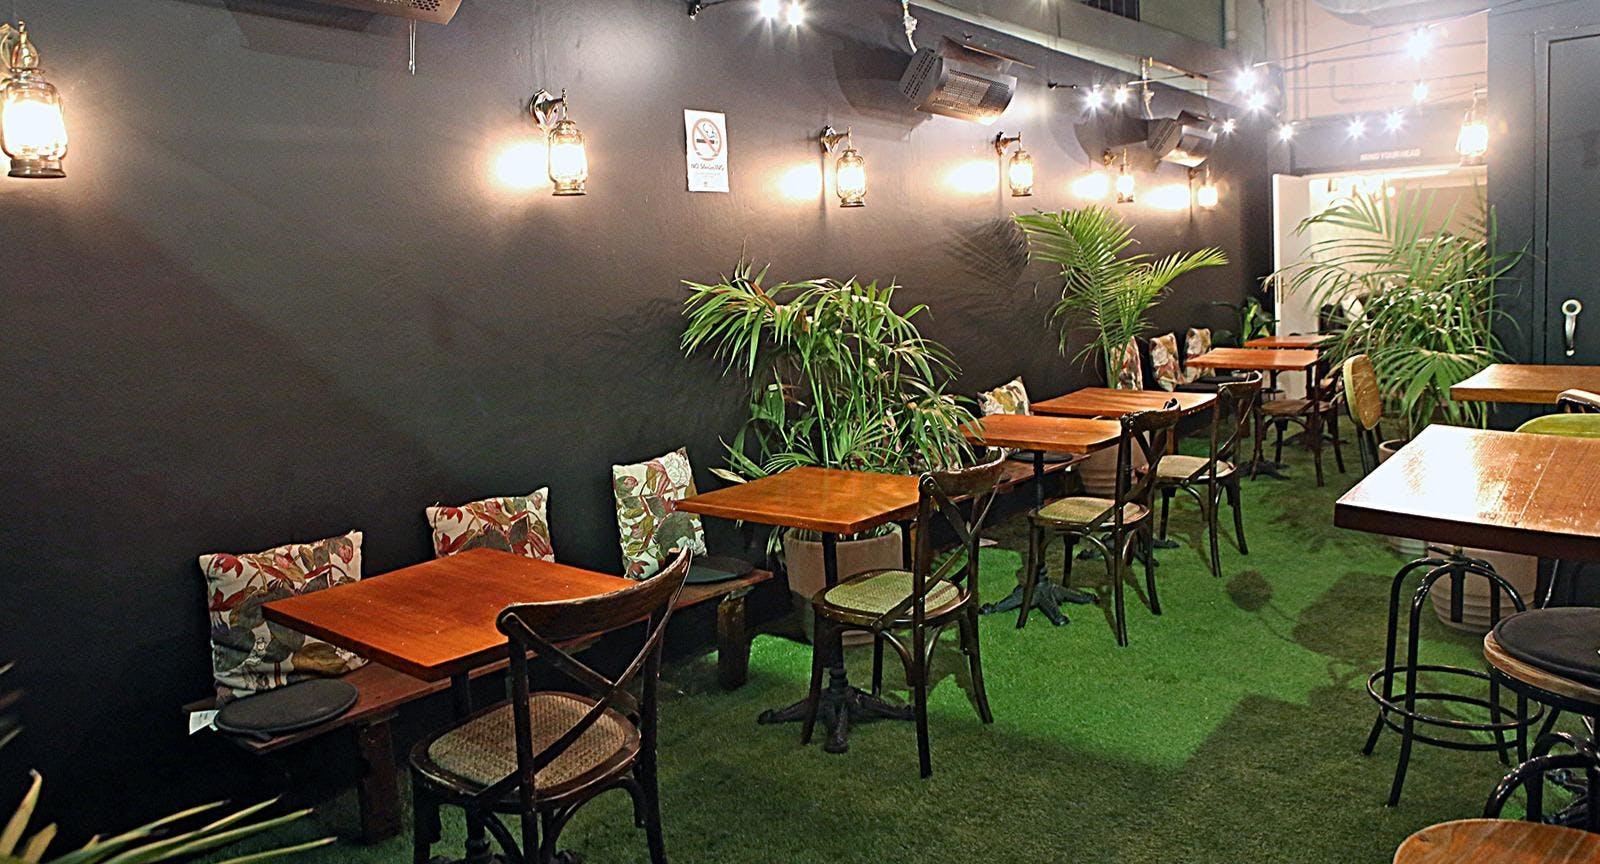 Wood & Smoke Bar Sydney image 3